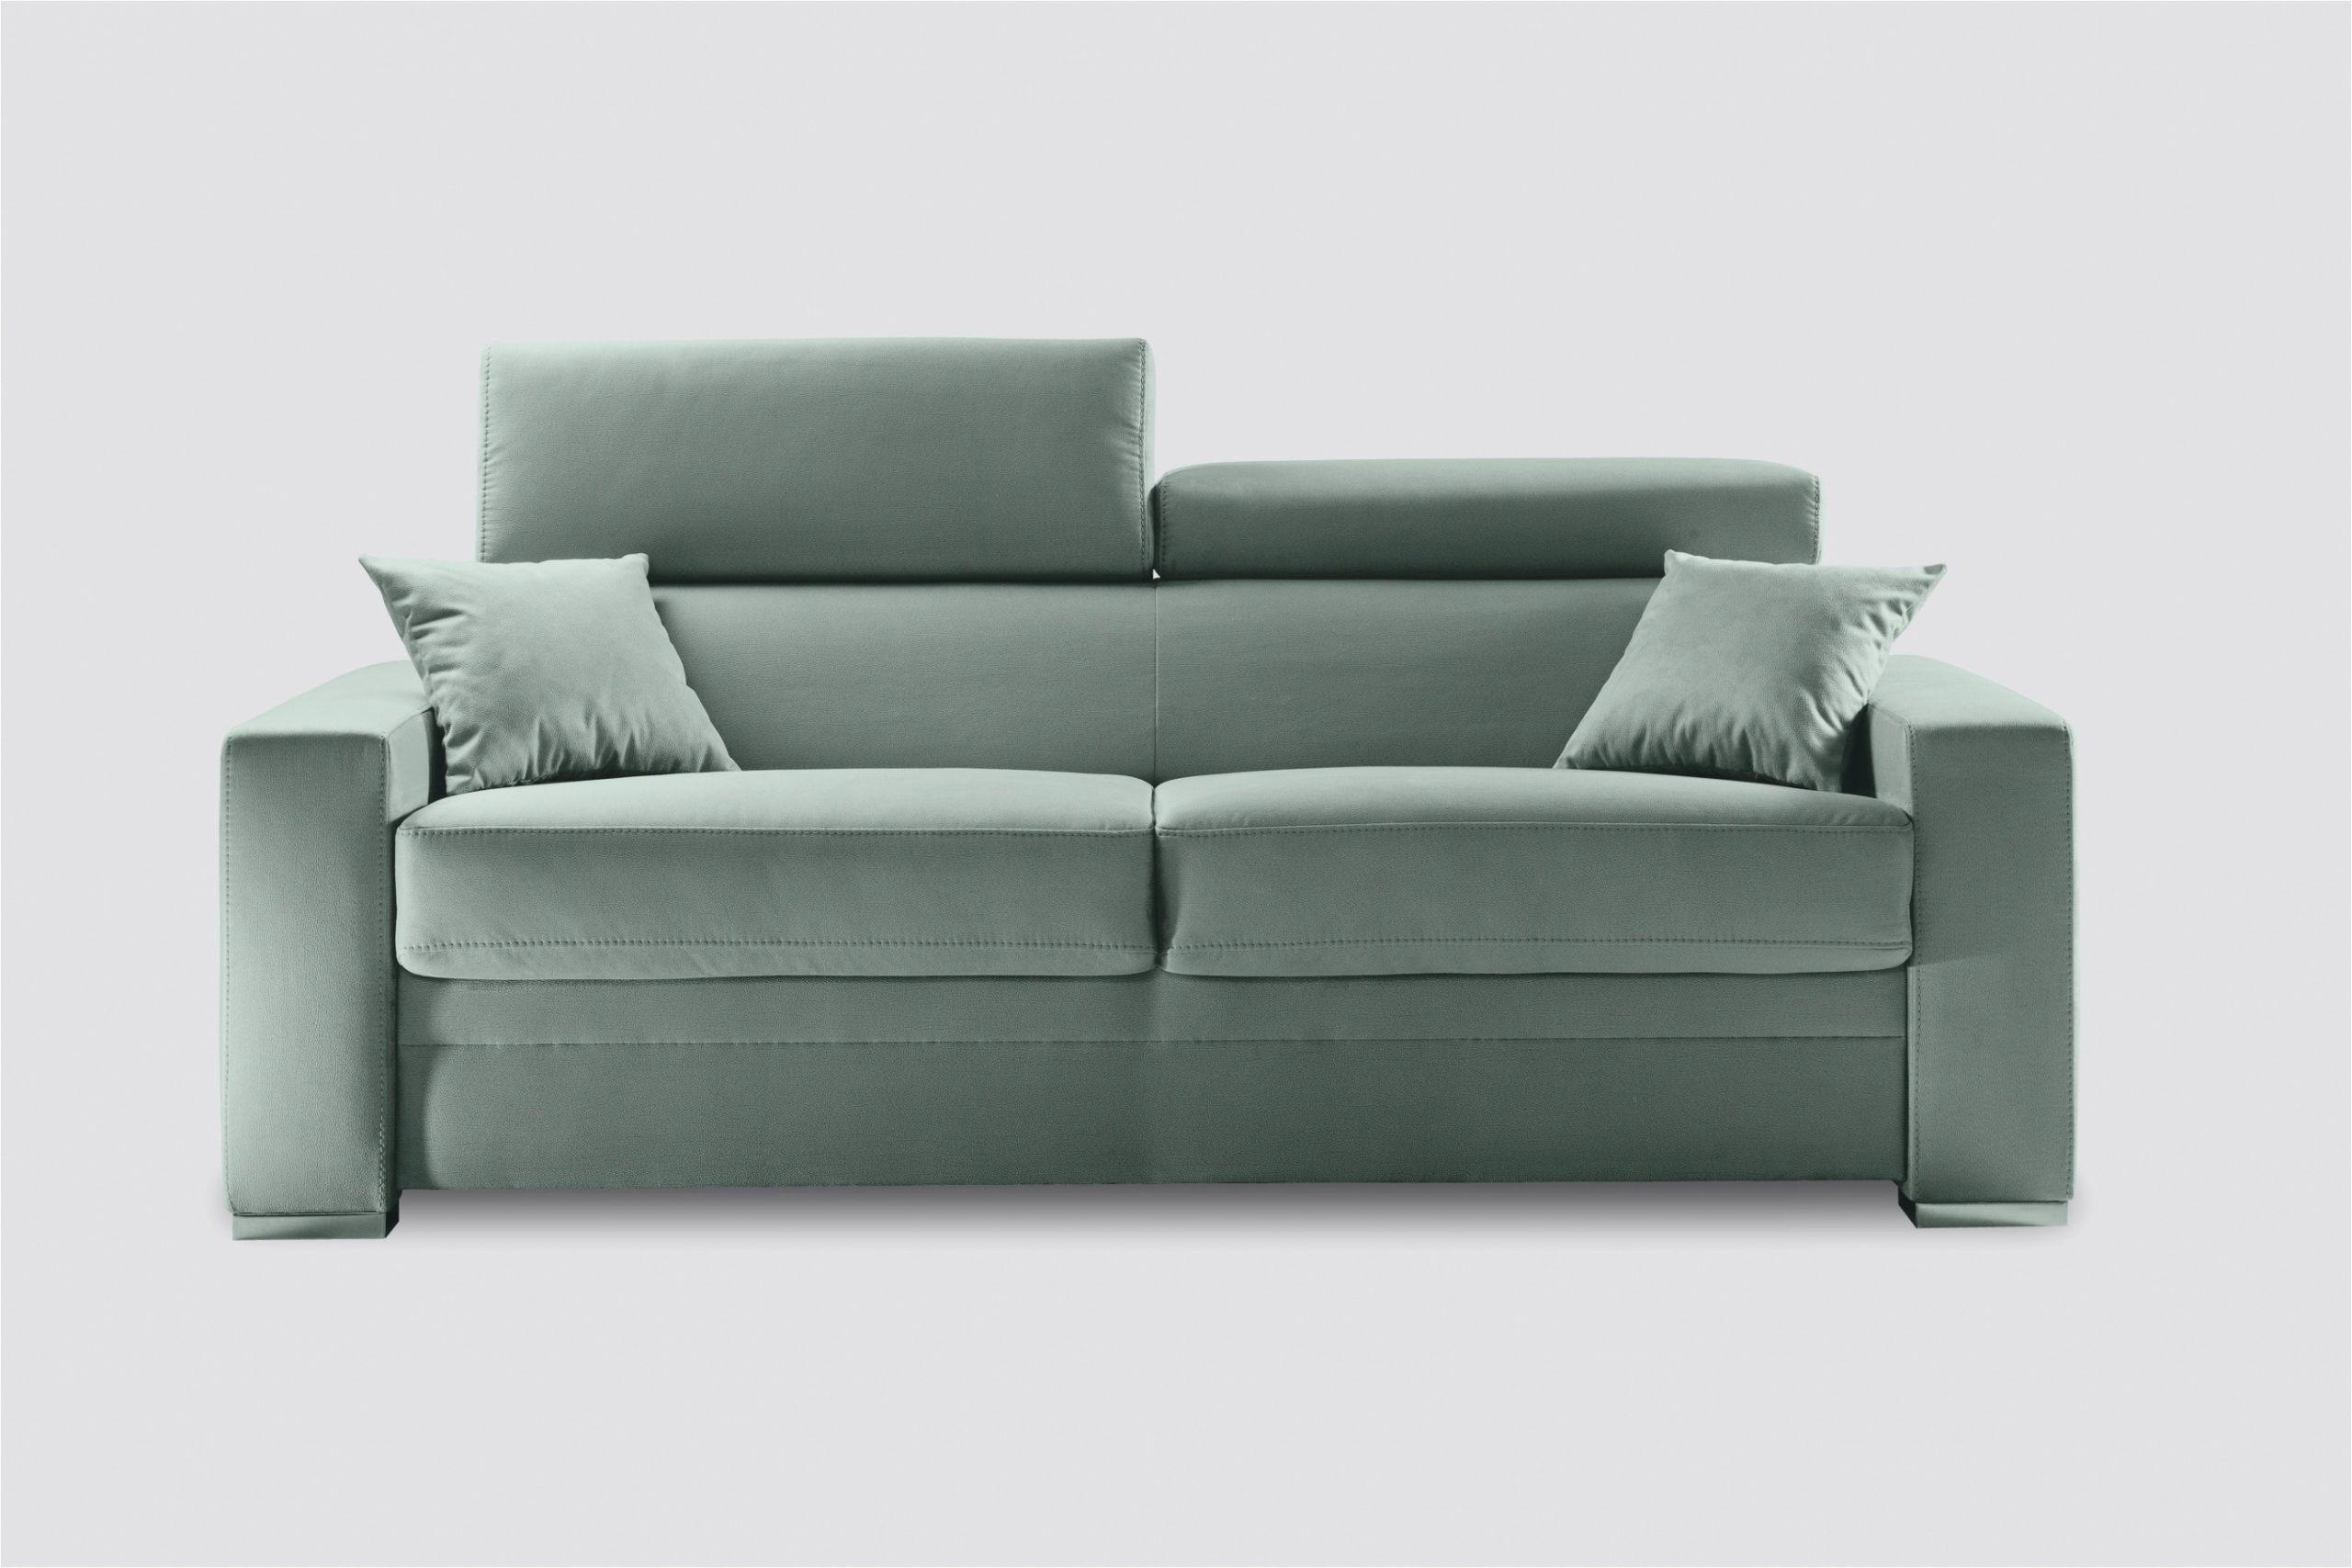 beau mezzo canape clic clac 160 meilleur matelas banquette bz meilleur canape futon 0d idees